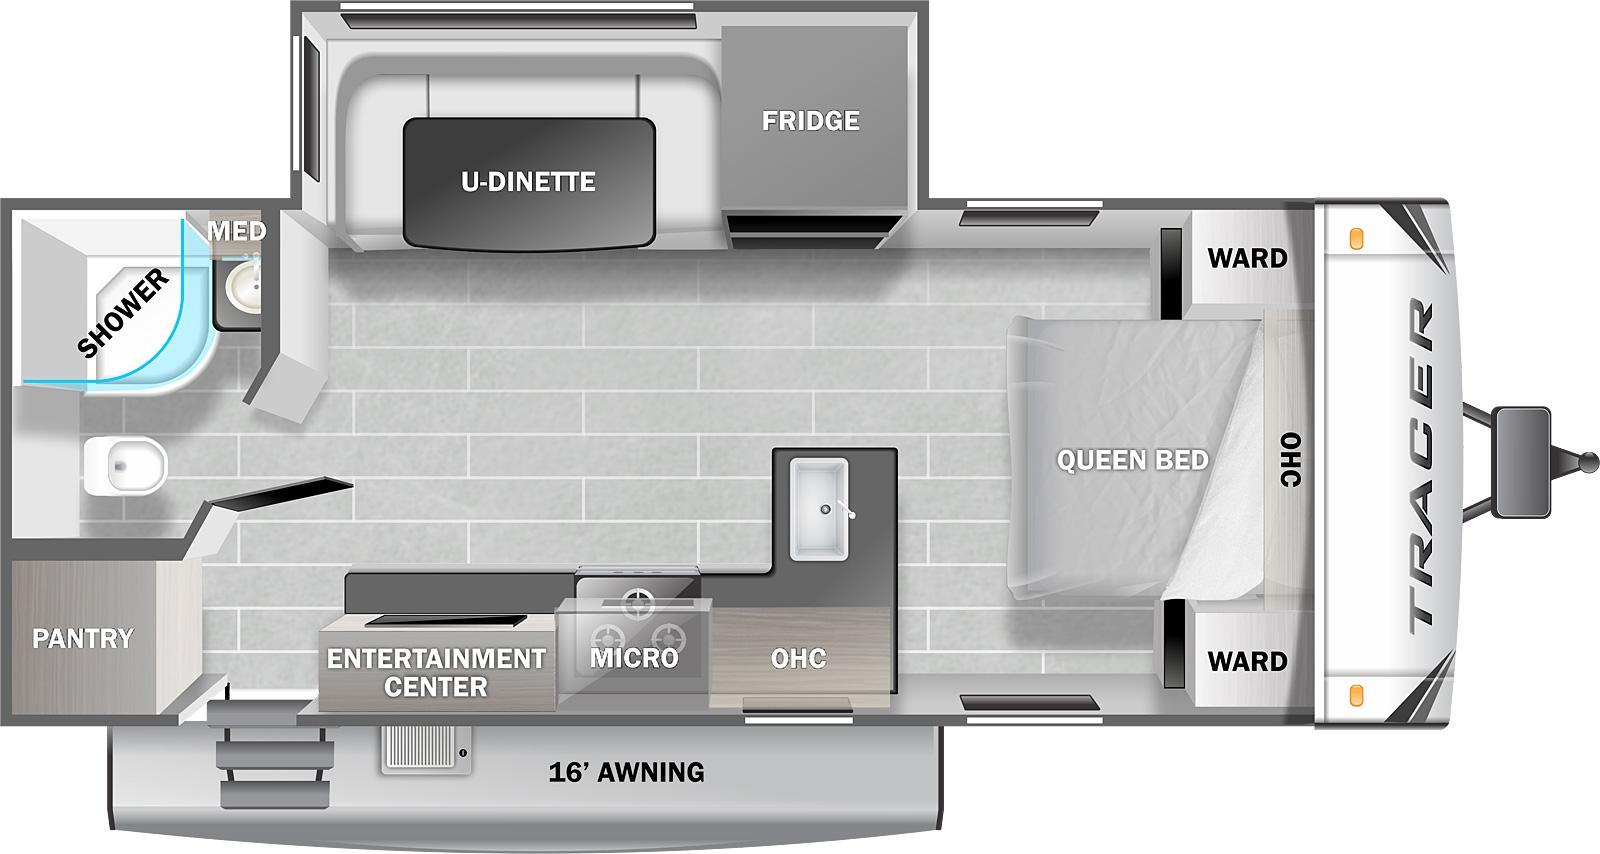 22RBS Floorplan Image